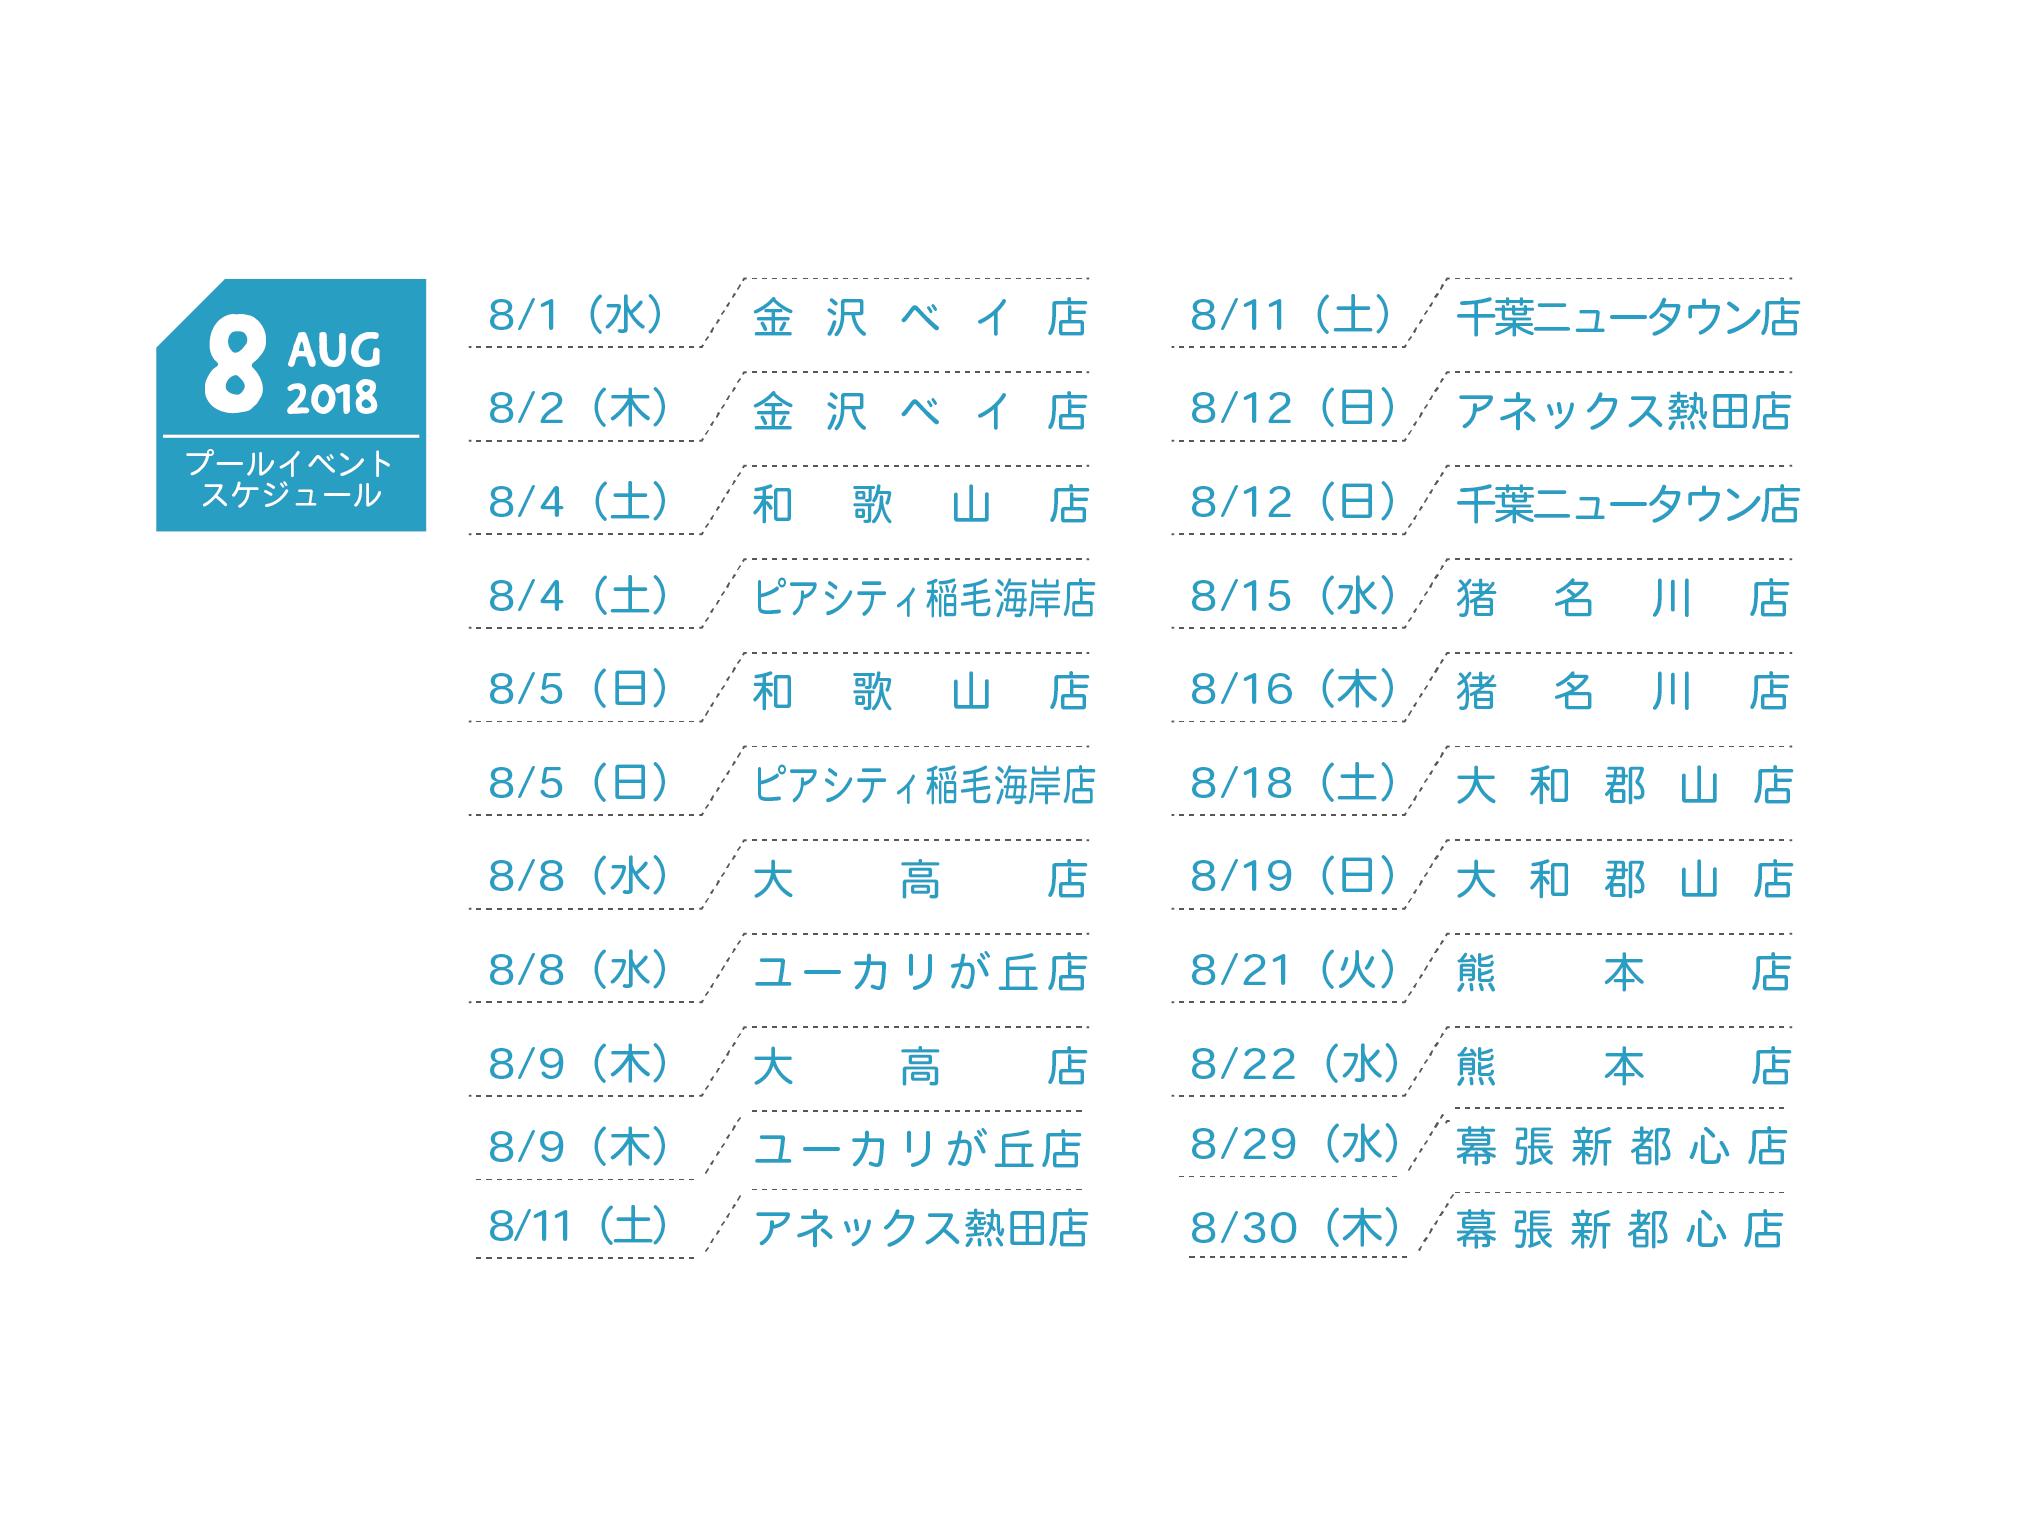 イベント カレンダー8月くすみ-01.png